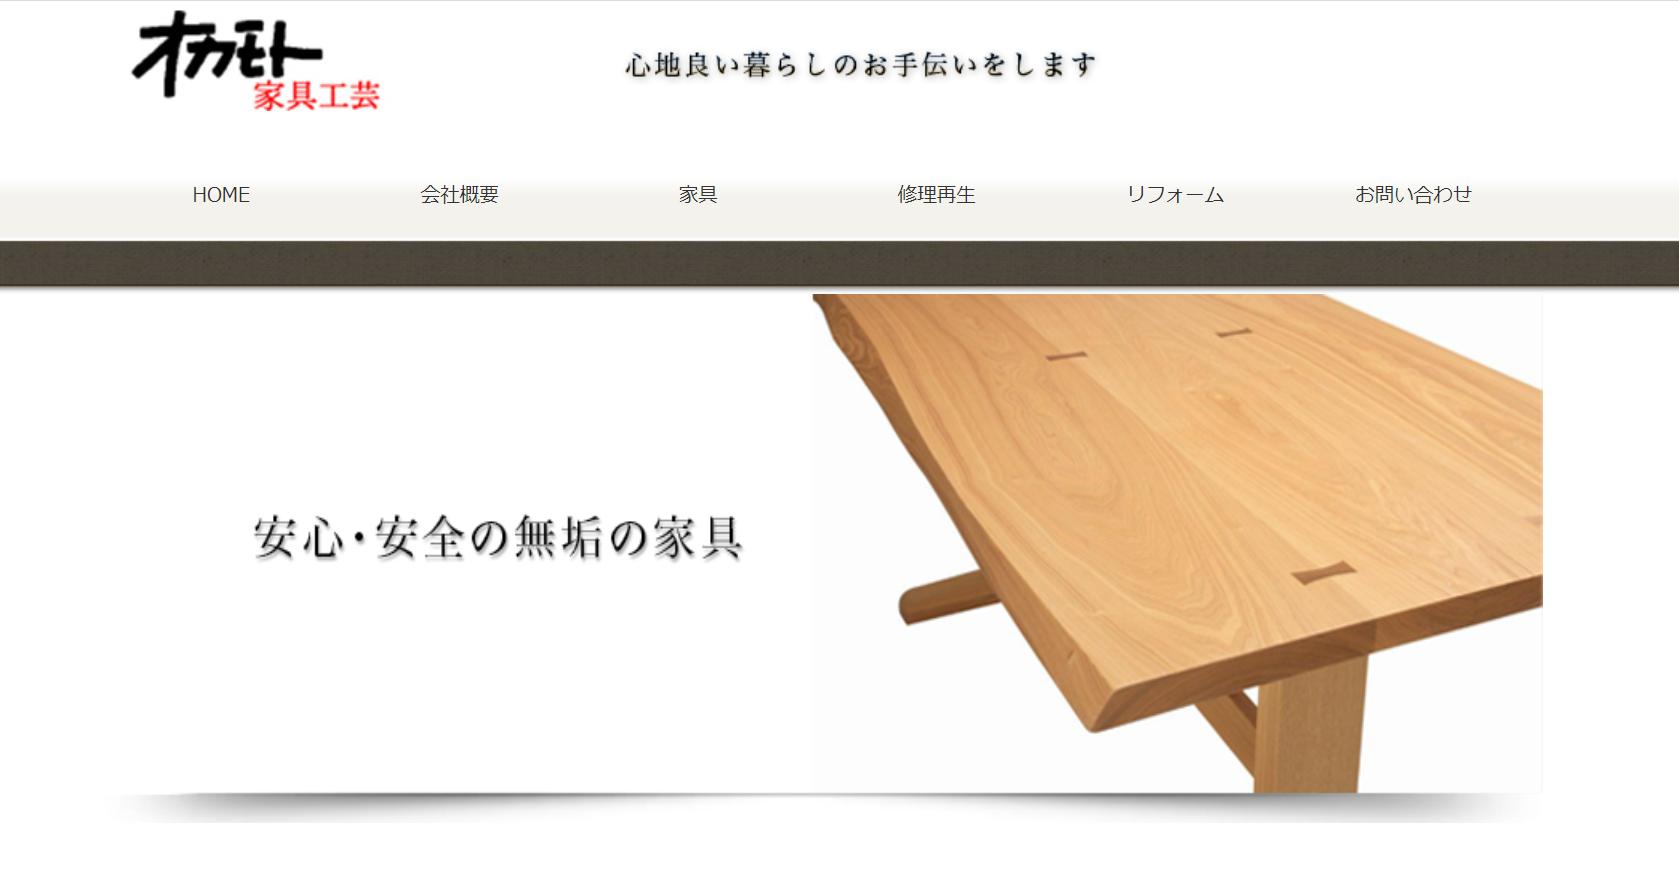 056737981faf68de6e9fc8fe8e518df0 - おすすめ家具修理業者4選と仲介業者。和歌山在住の方必見の記事。